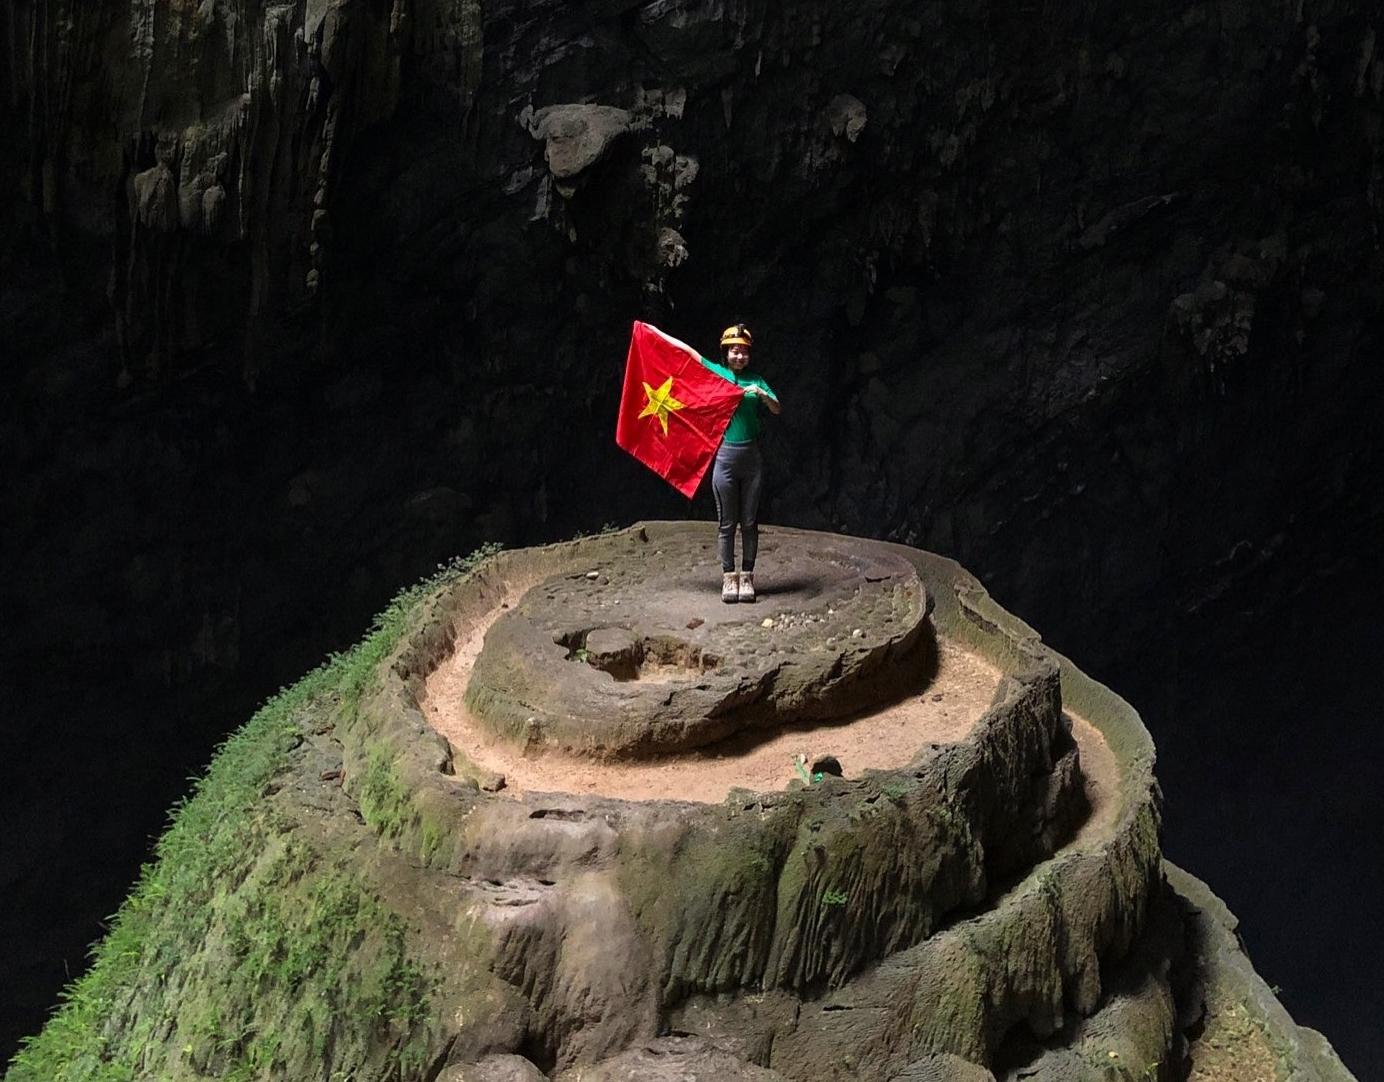 Giảm giá tour thám hiểm hang Sơn Đoòng đến hết năm 2022